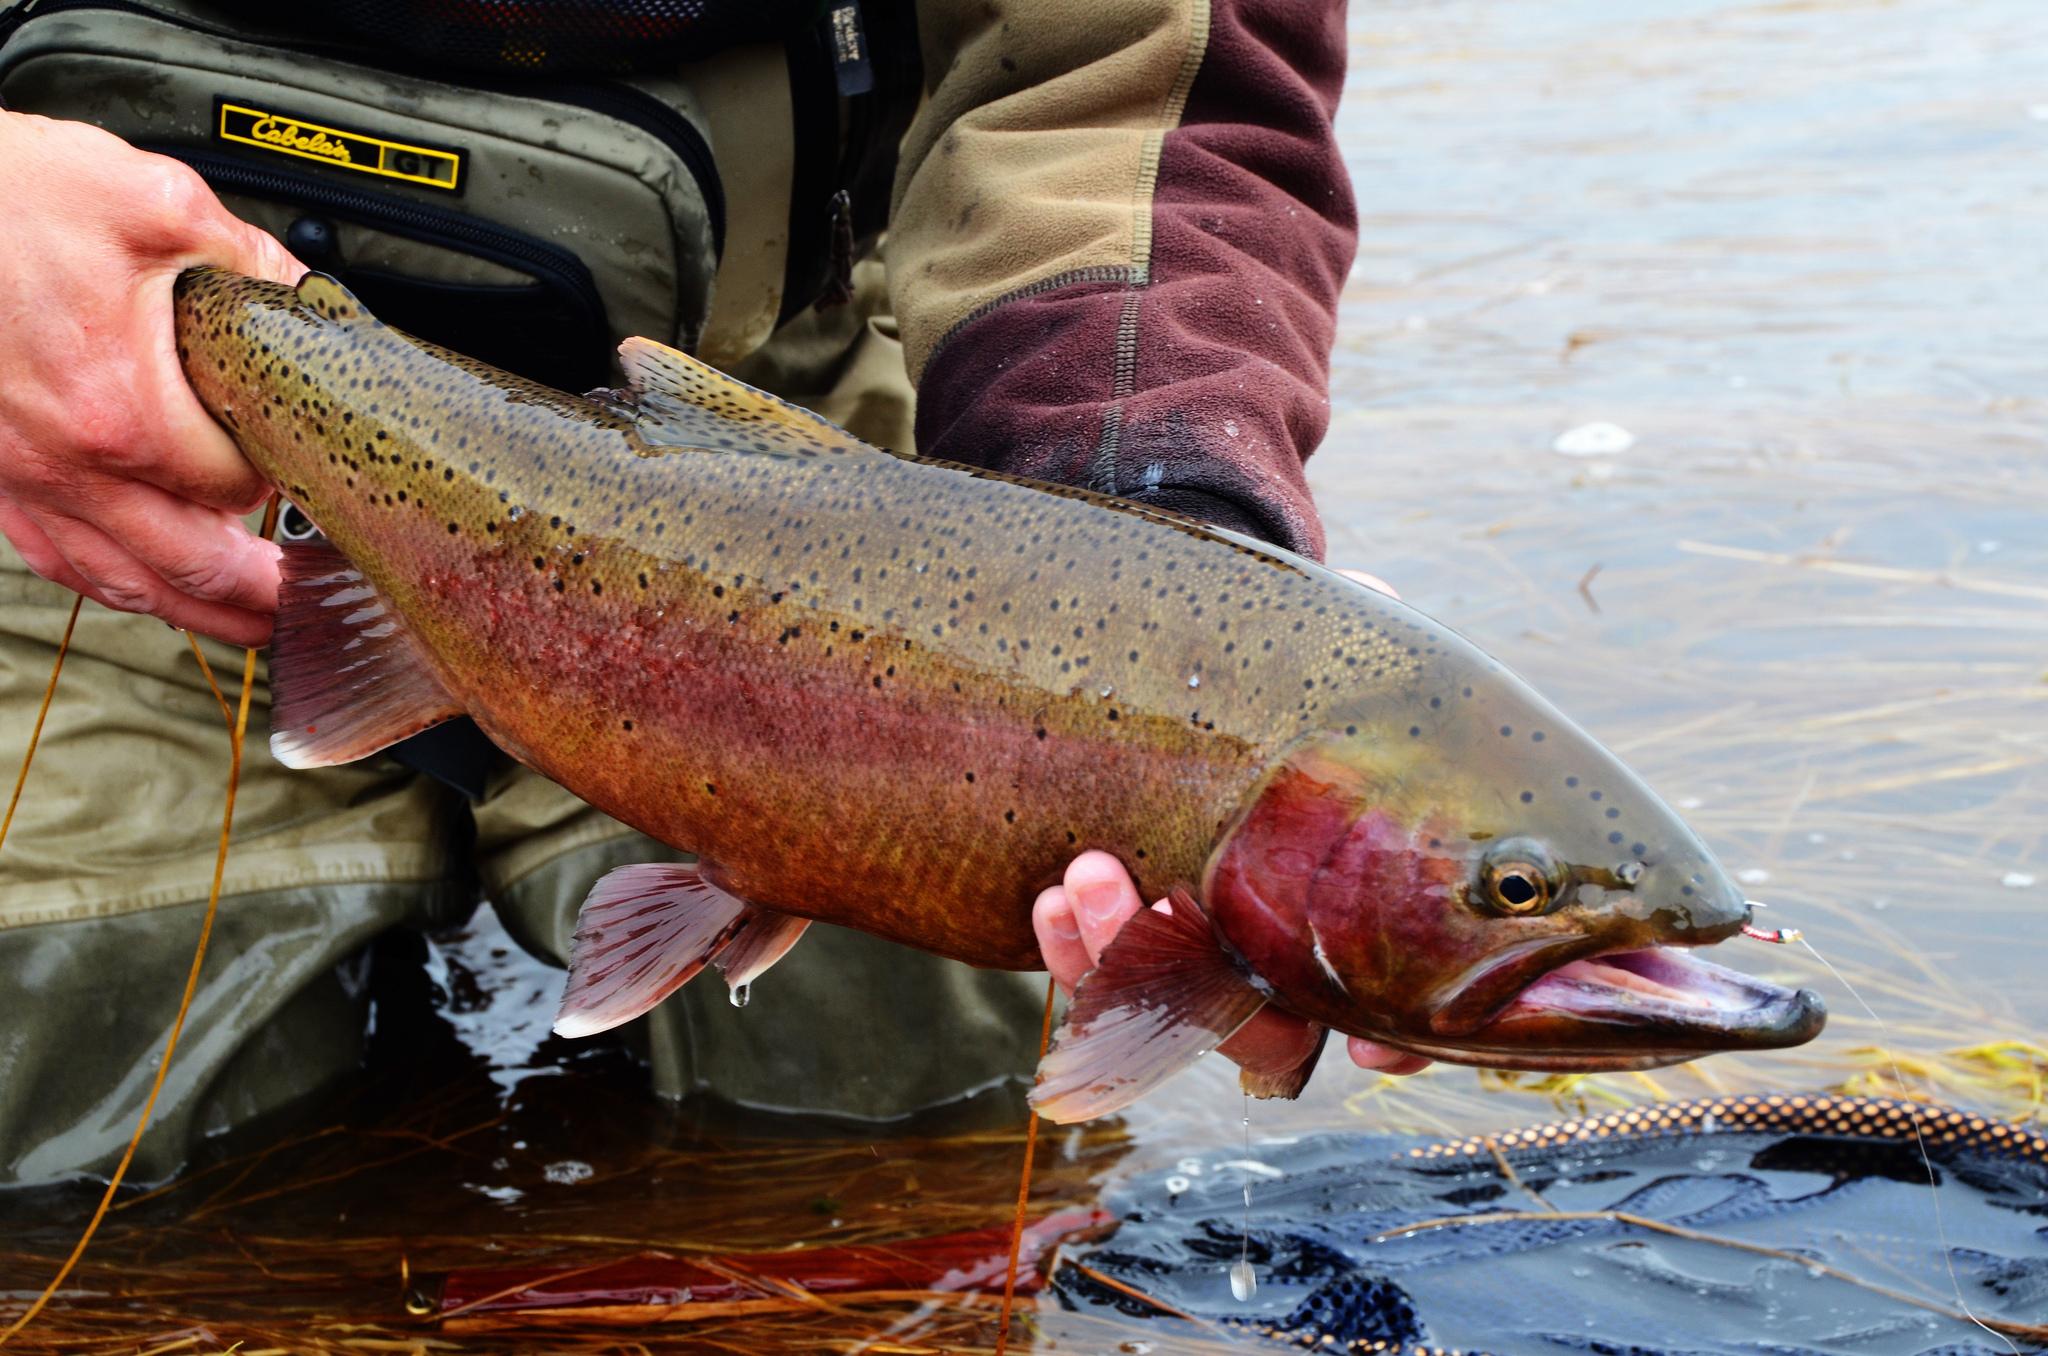 pesca sin muerte, río, tramos sin muerte, catch and release, captura y suelta